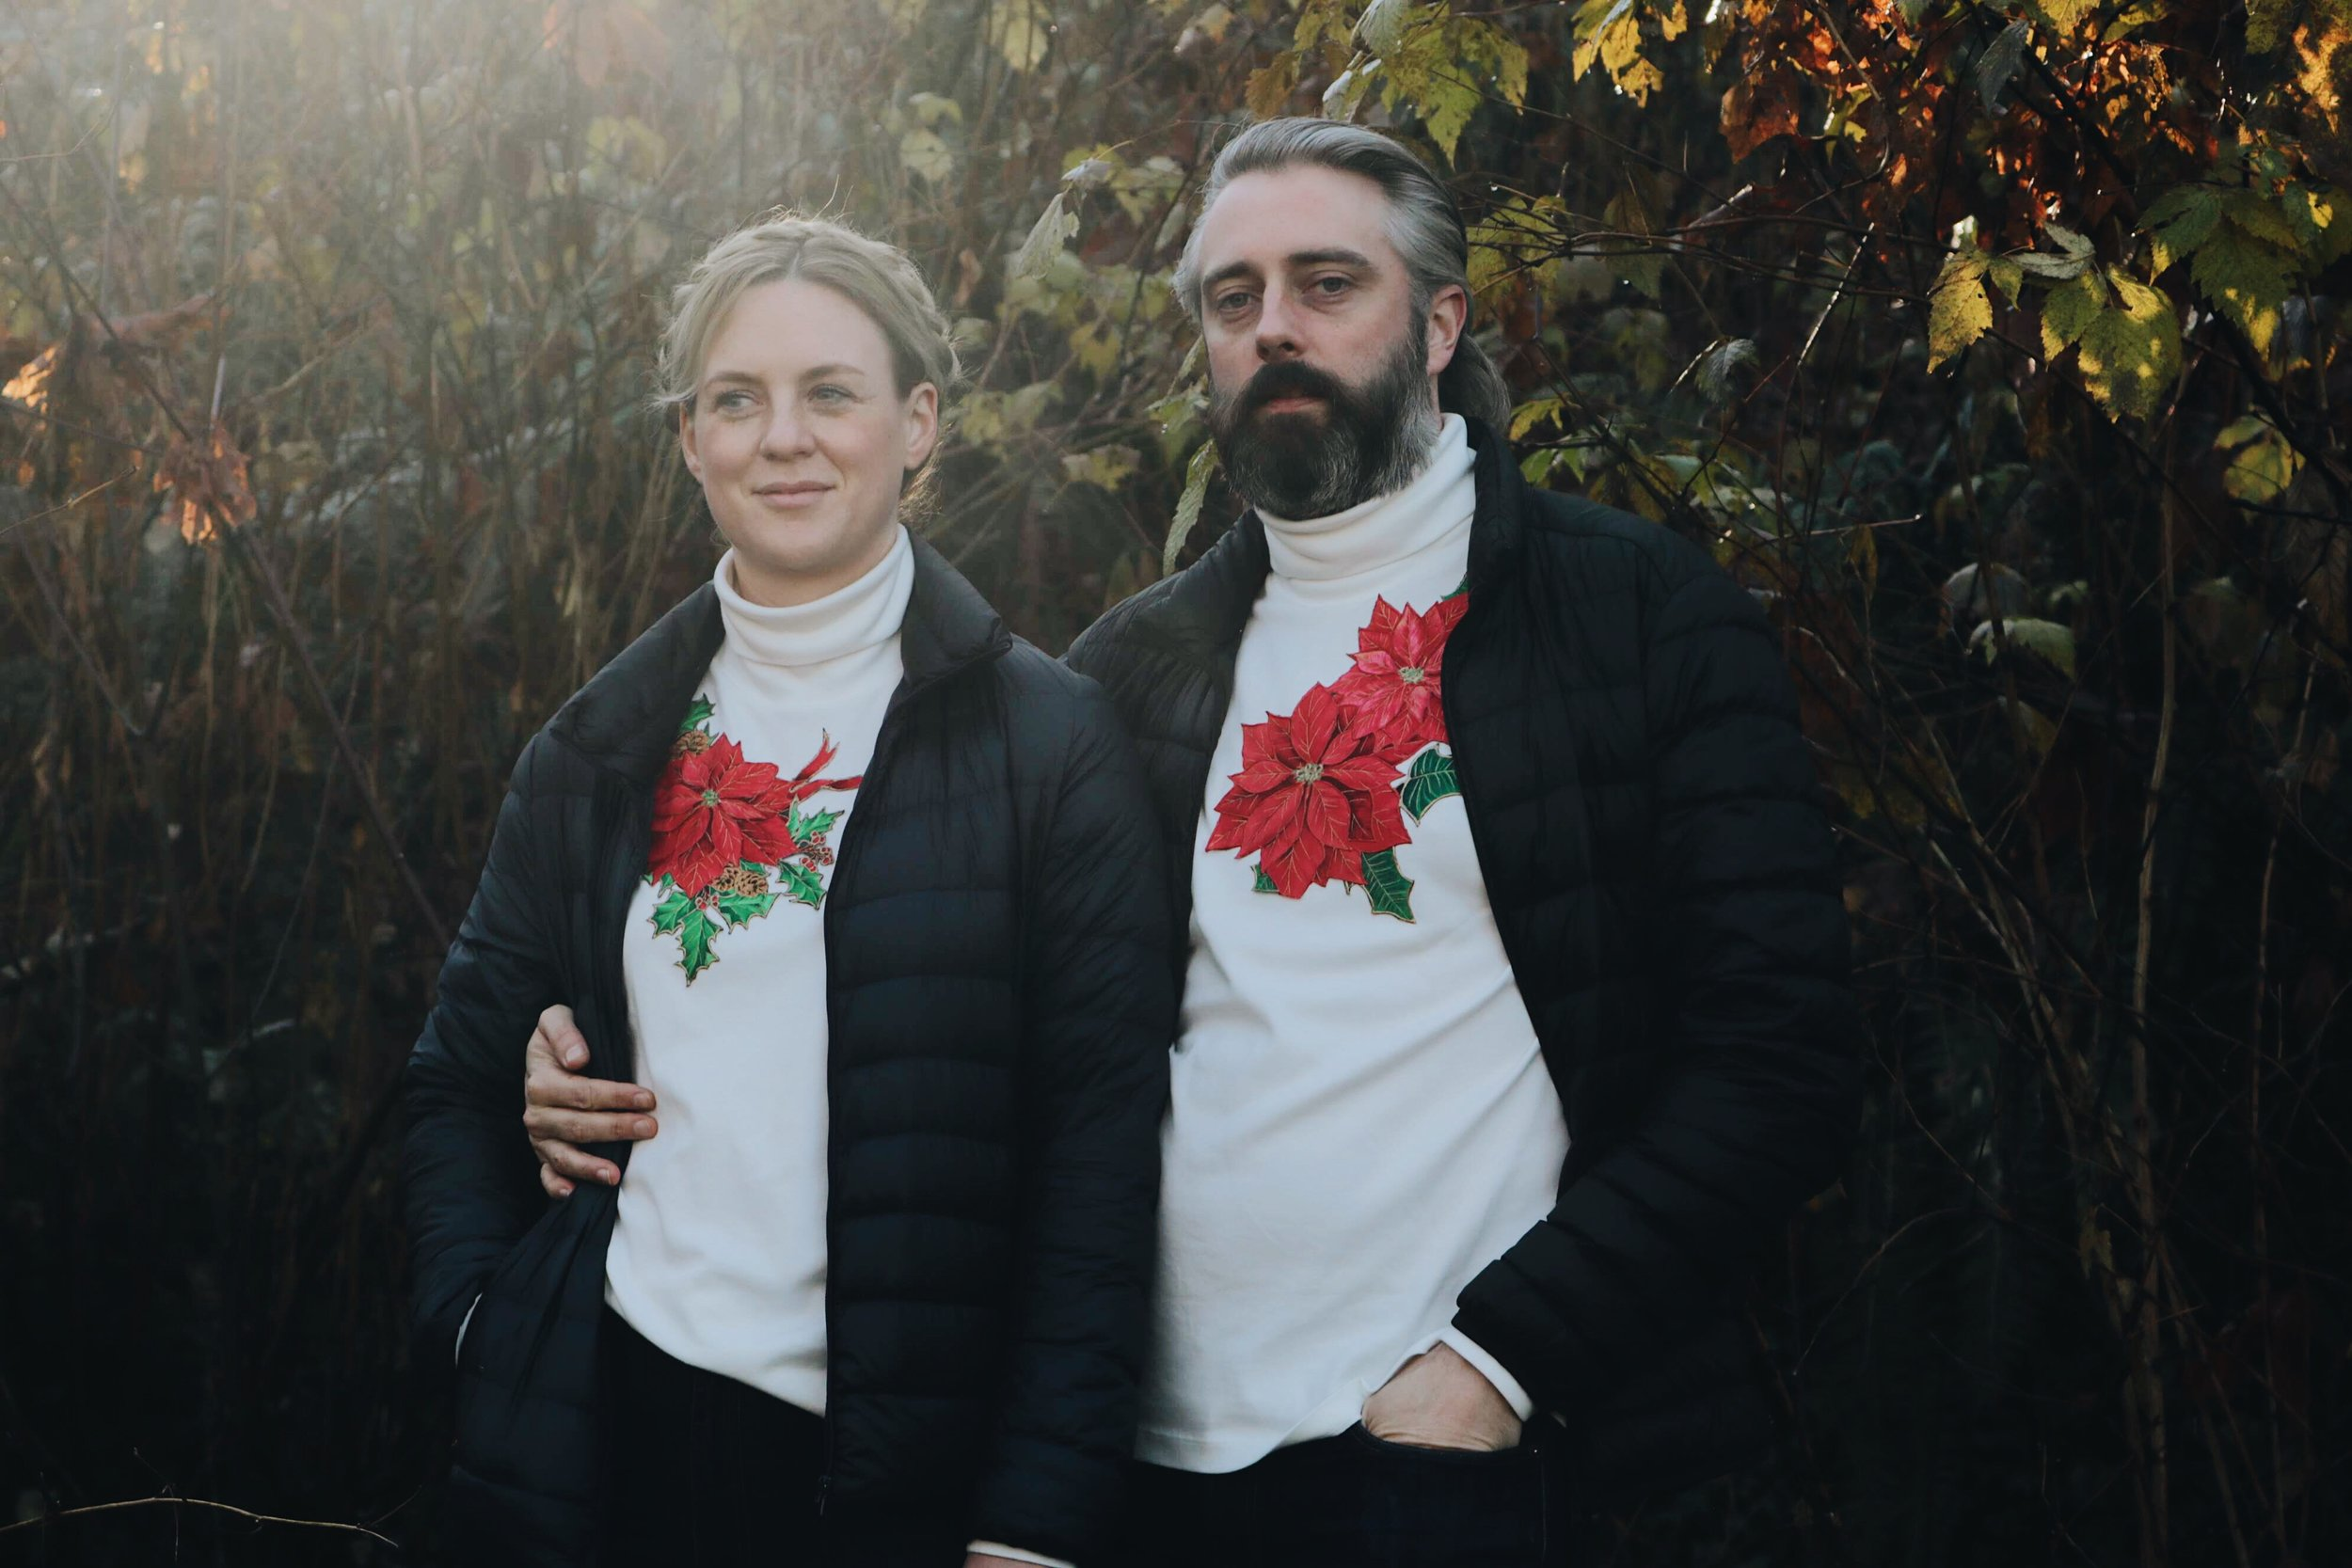 Matching his and hers ugly Christmas turtlenecks